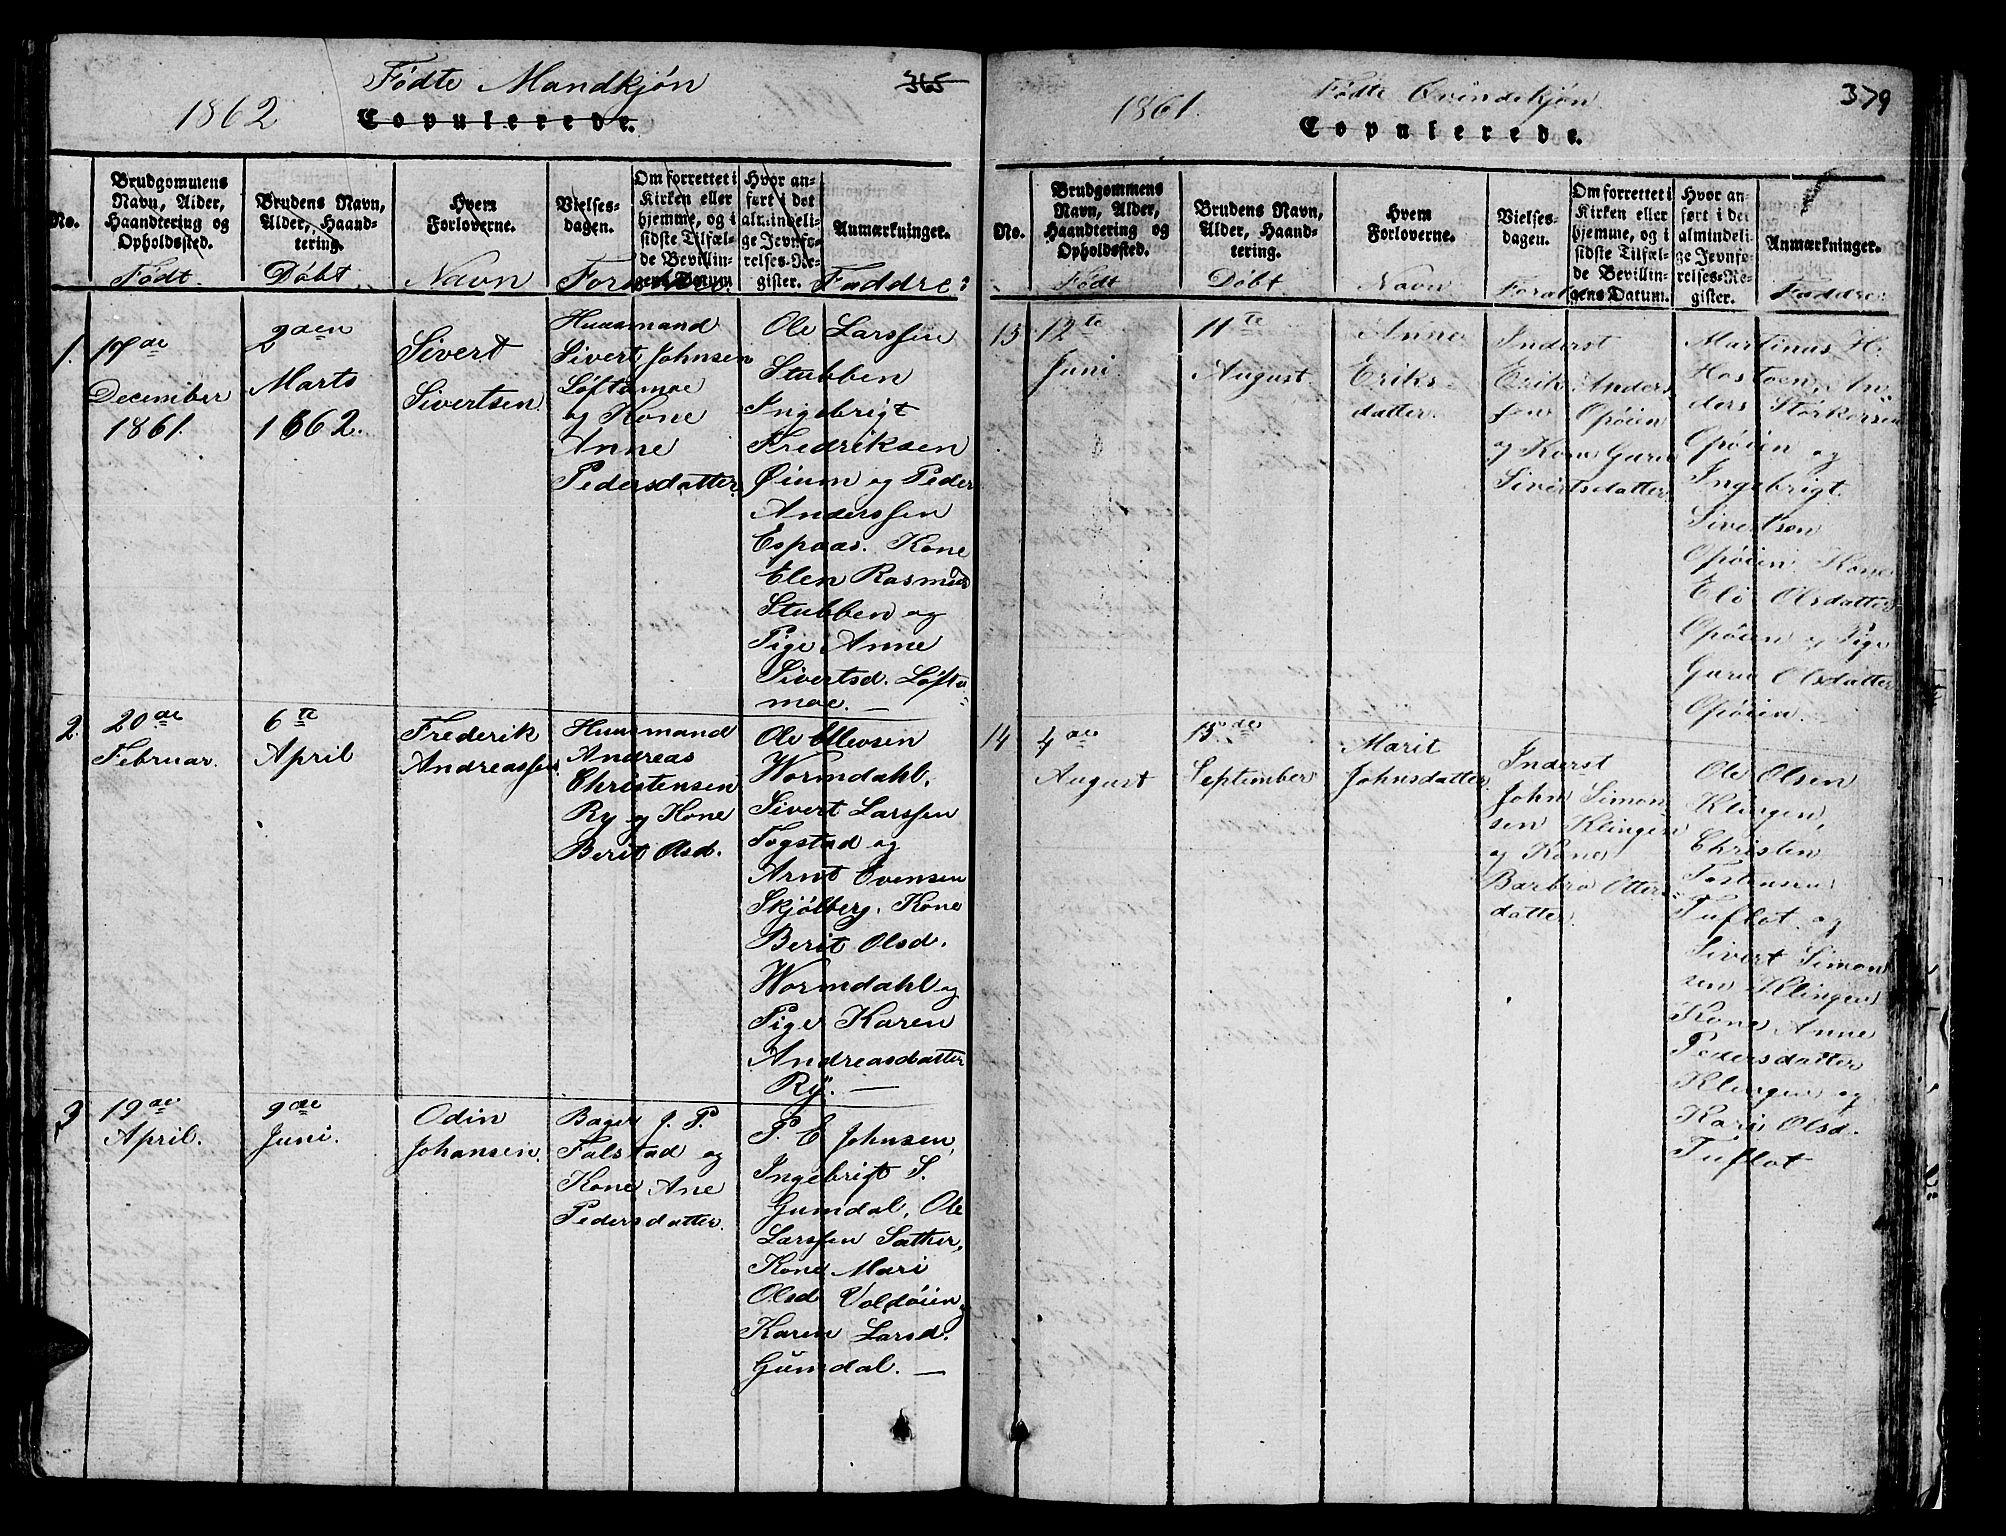 SAT, Ministerialprotokoller, klokkerbøker og fødselsregistre - Sør-Trøndelag, 671/L0842: Klokkerbok nr. 671C01, 1816-1867, s. 378-379